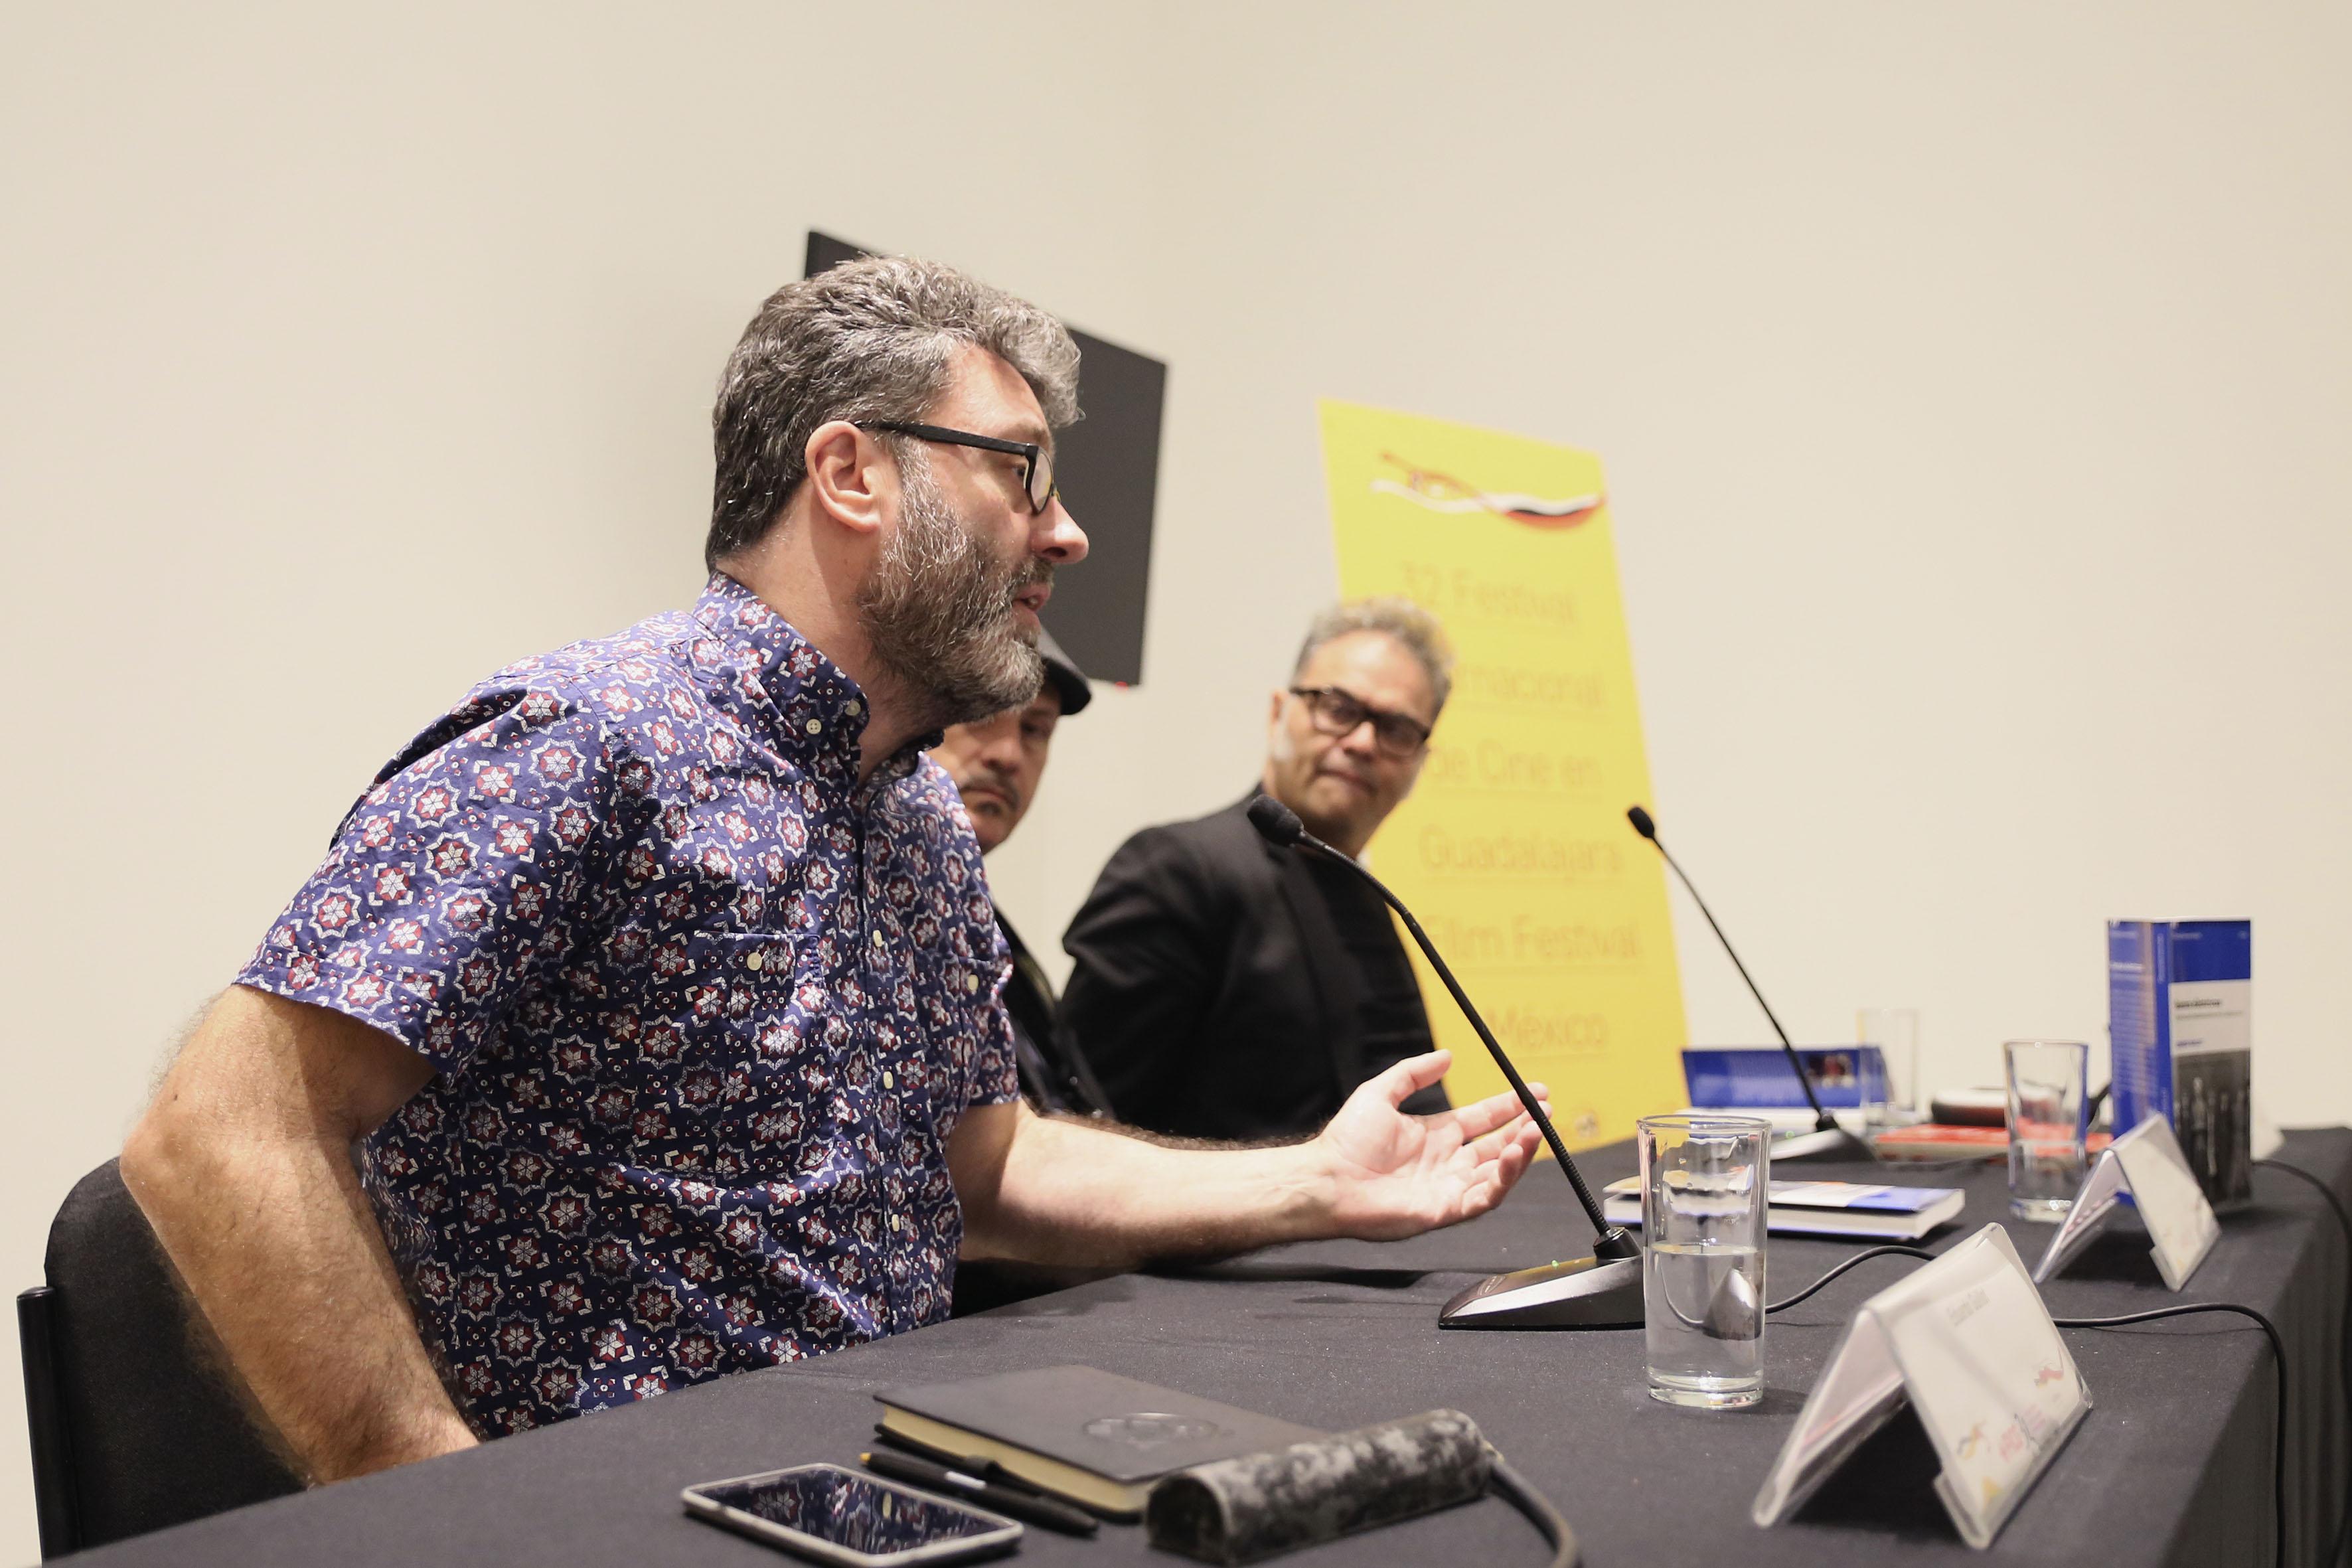 Periodista Enrique Blanc y el integrante de Café Tacvba, Joselo Rangel